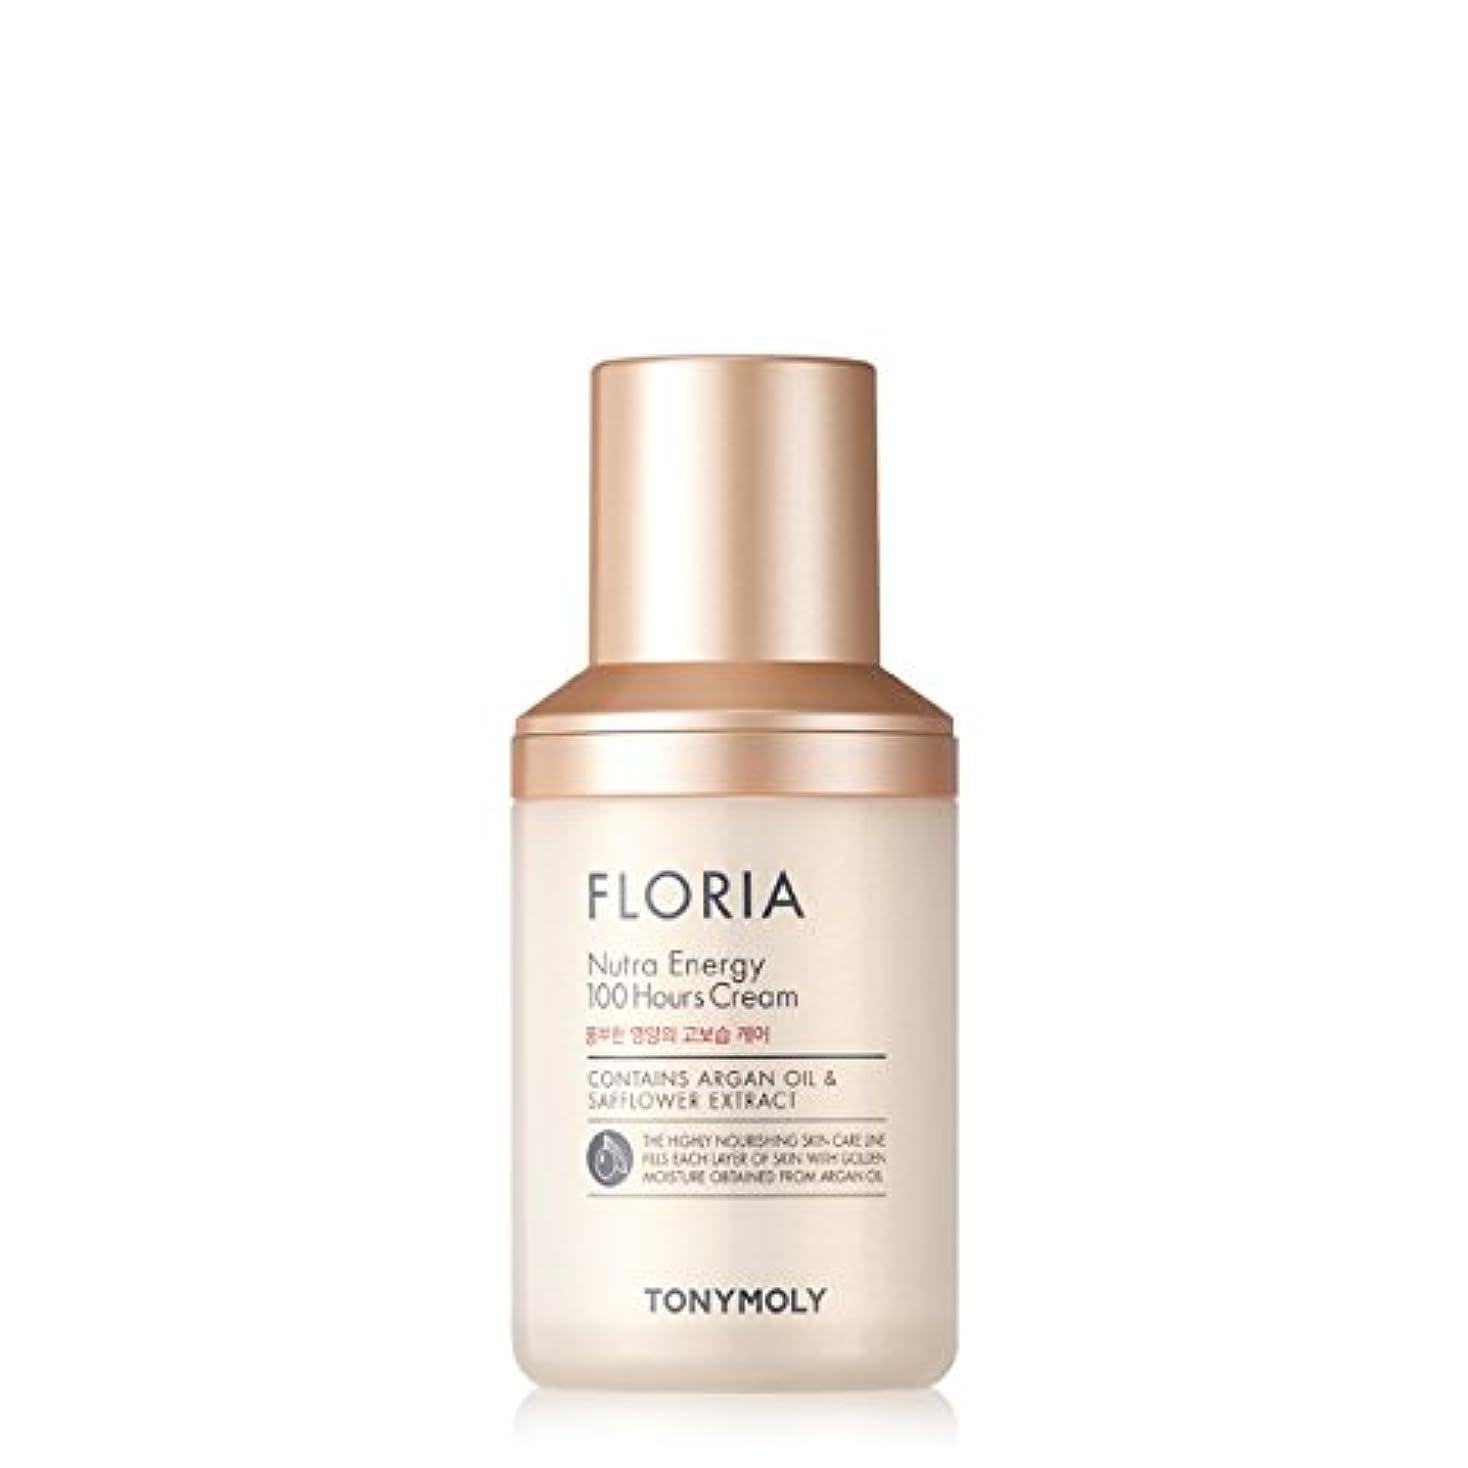 トムオードリース段階浸漬[NEW] TONY MOLY Floria Nutra energy 100 hours Cream 50ml トニーモリー フローリア ニュートラ エナジー 100時間 クリーム 50ml [並行輸入品]